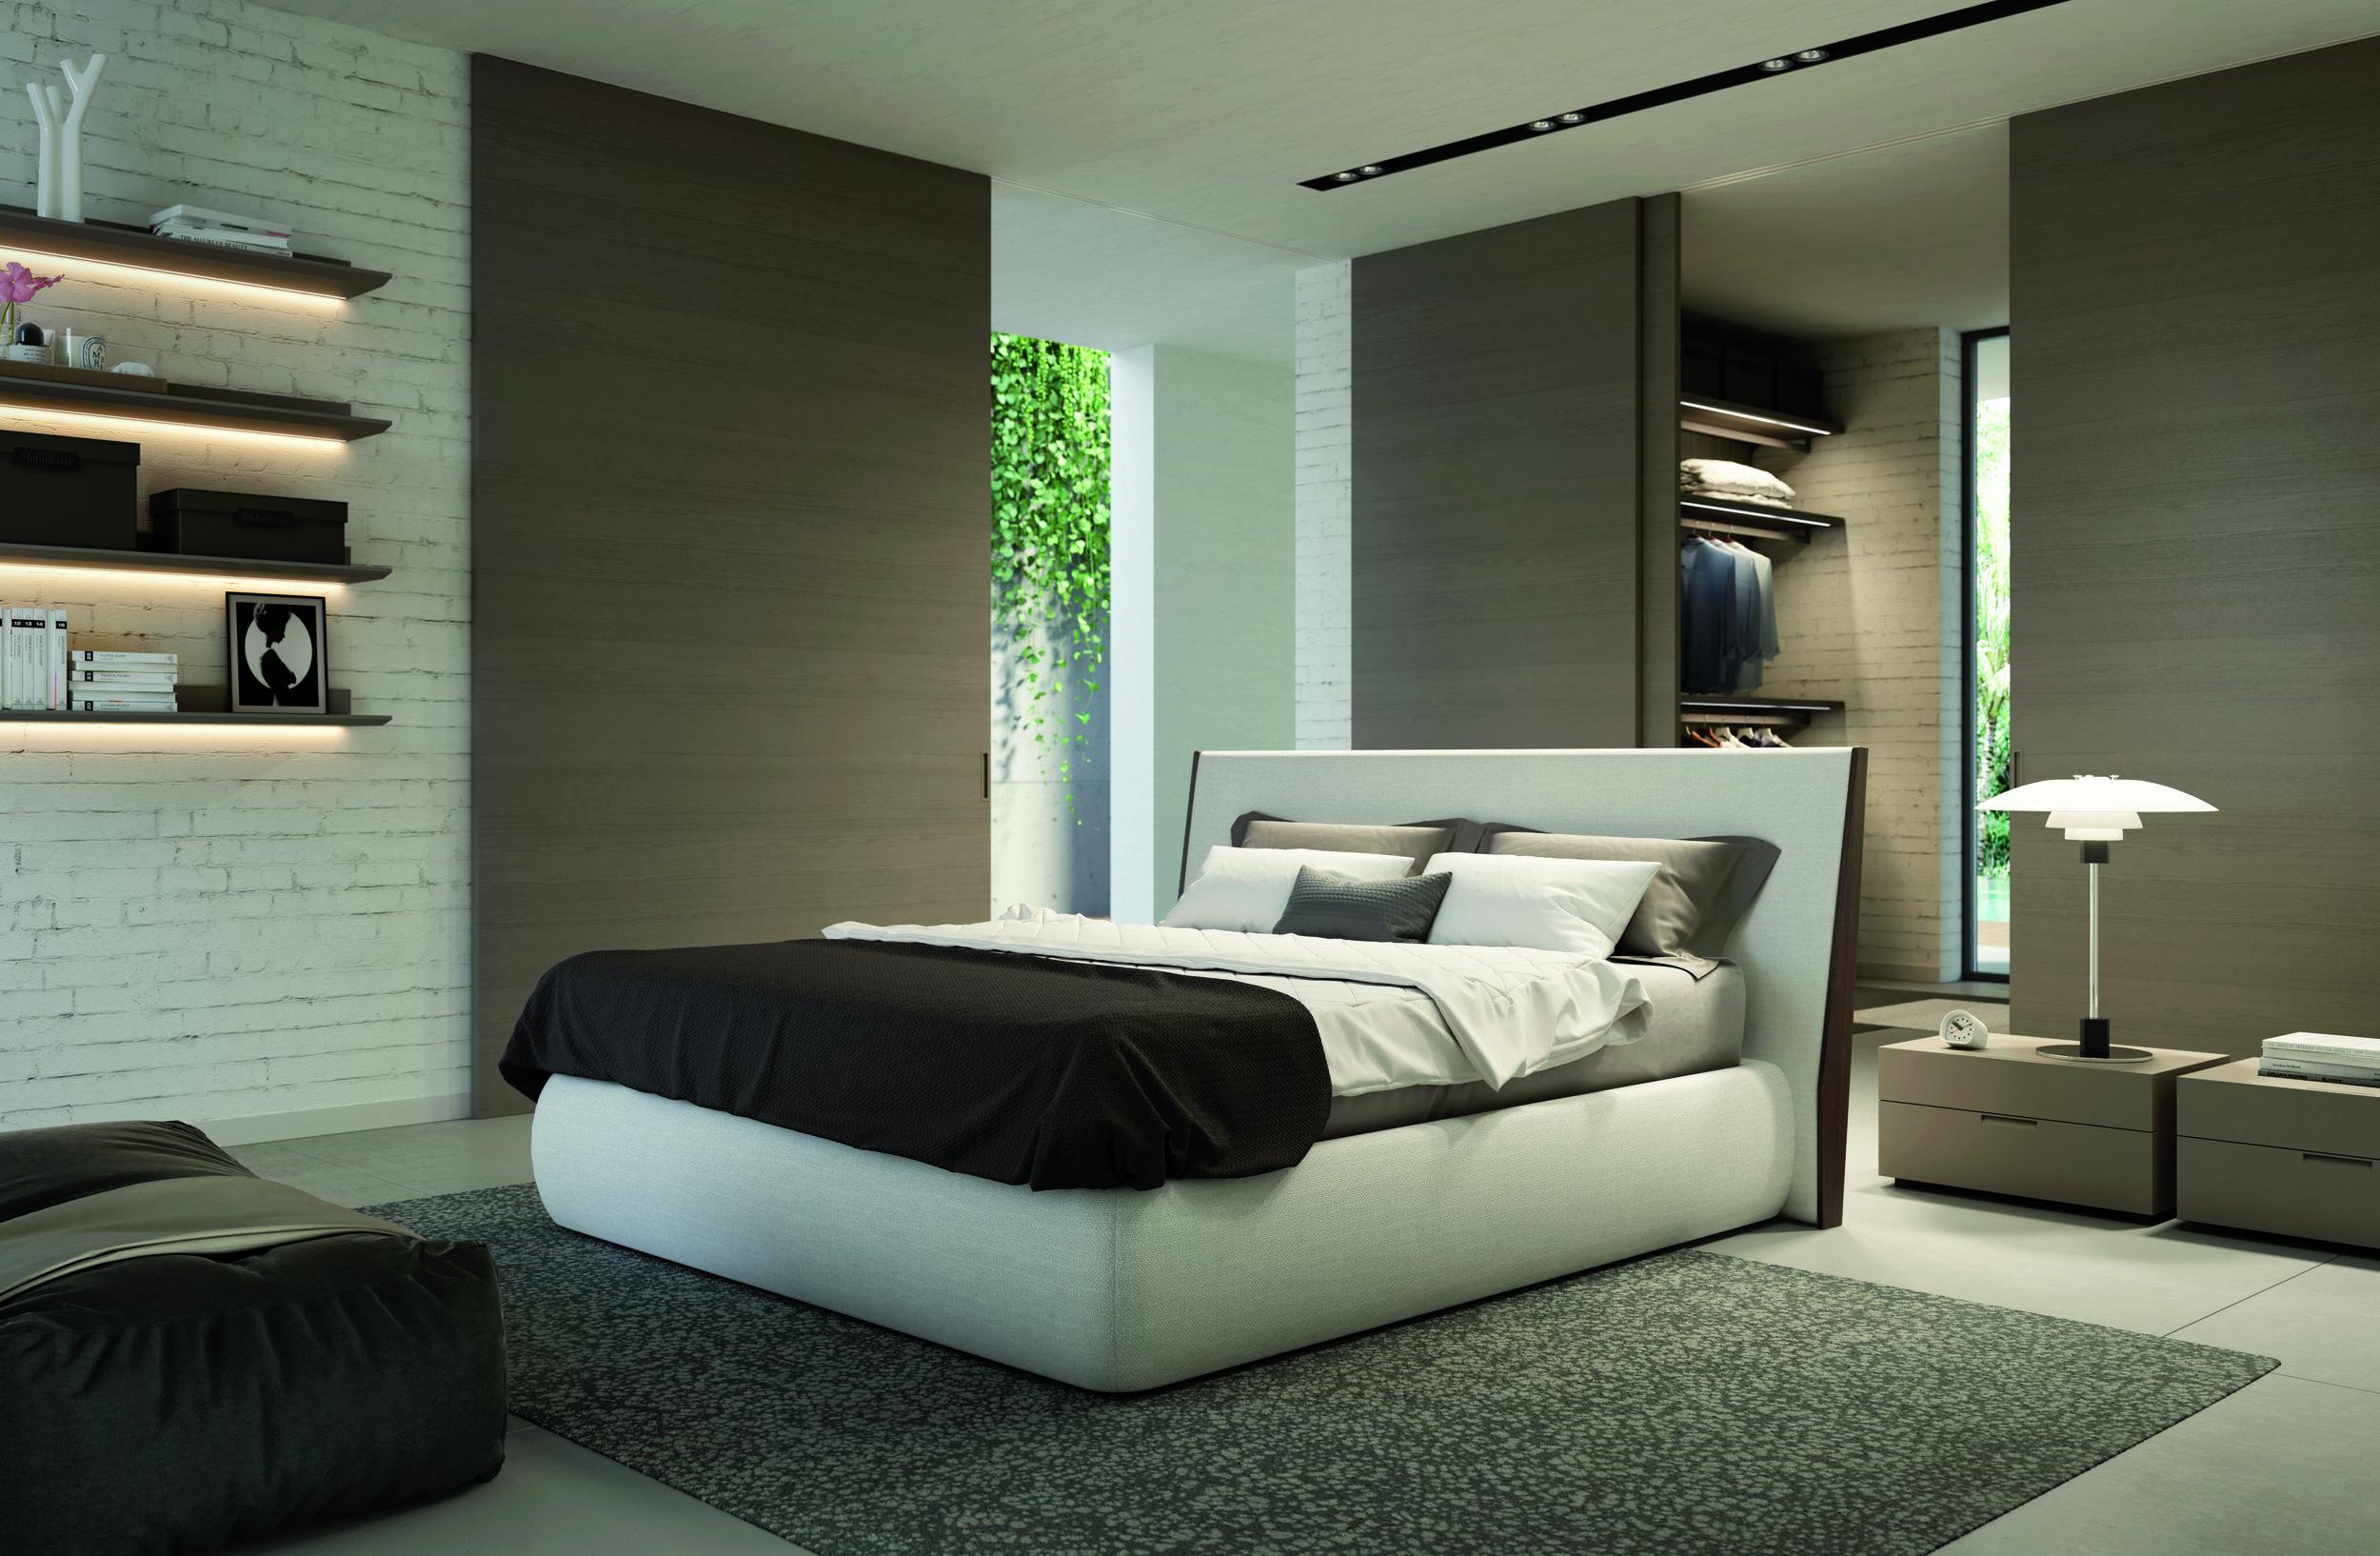 BDR 202 Modern Italian Beds